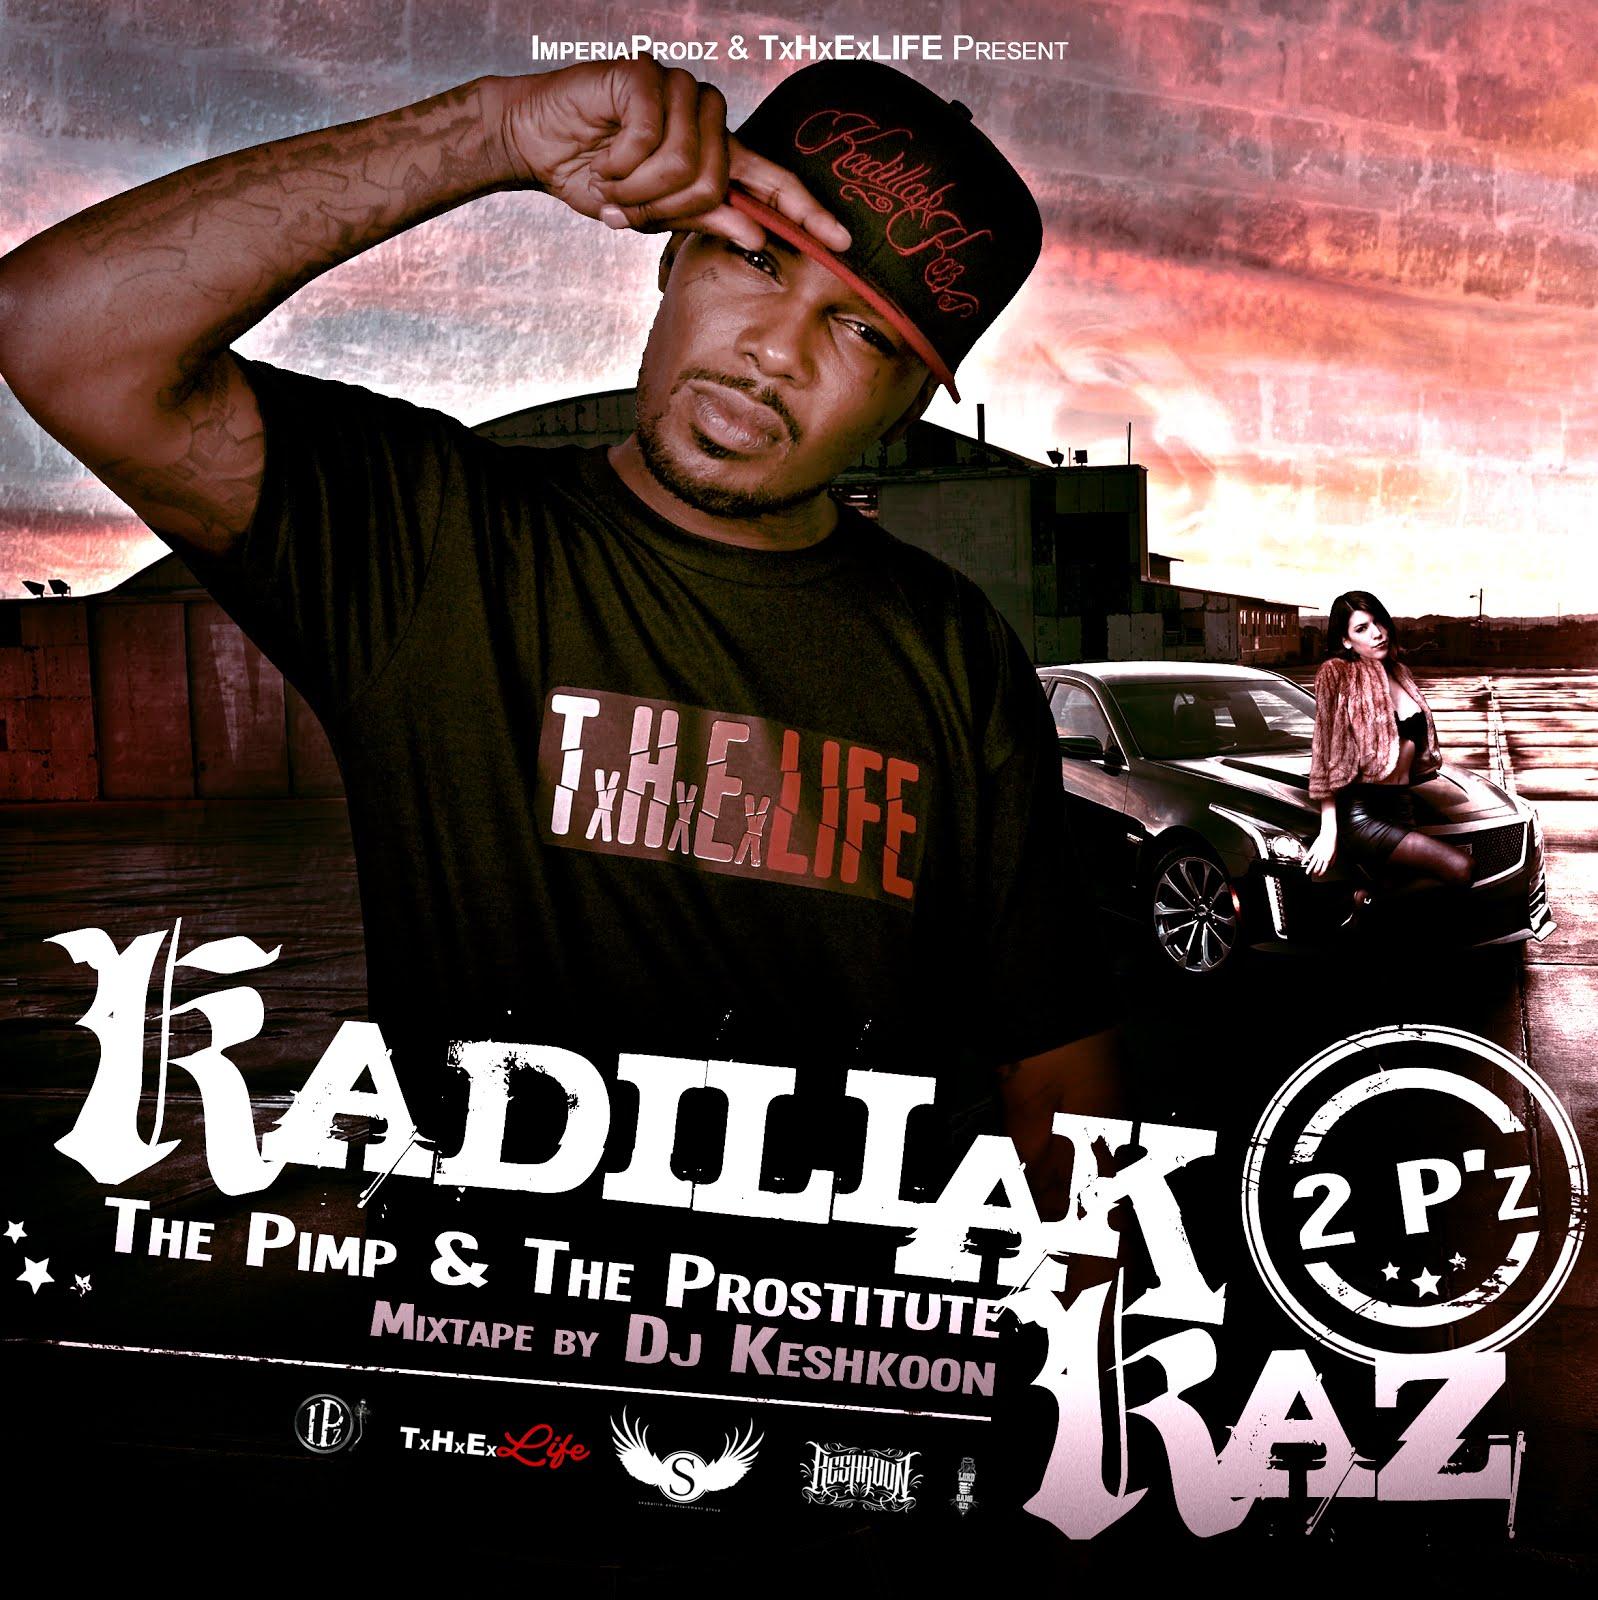 Kadillak Kaz - 2Pz The Pimp & The Prostitute